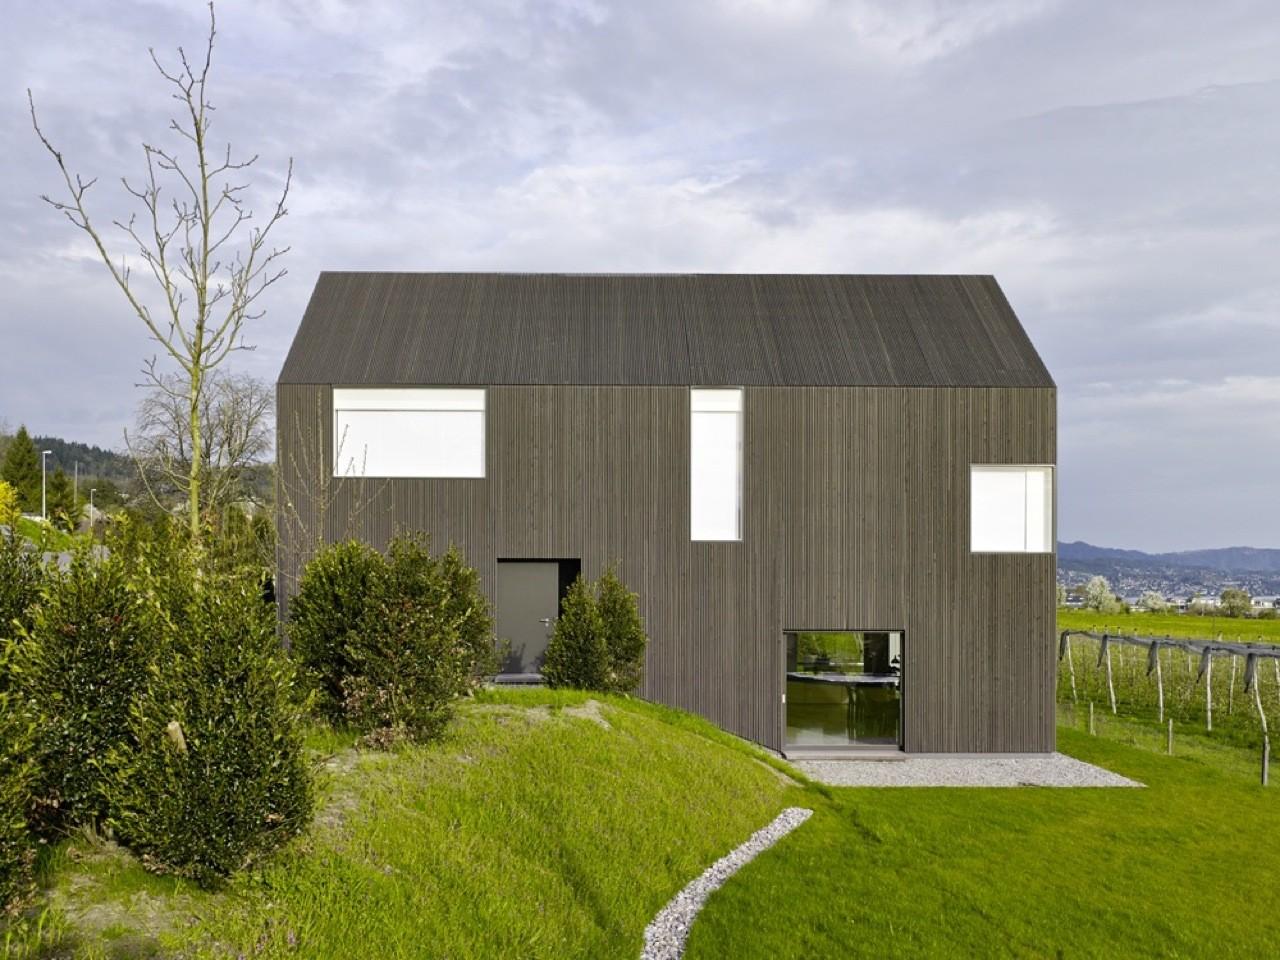 gottshalden rossetti wyss architekten archdaily. Black Bedroom Furniture Sets. Home Design Ideas